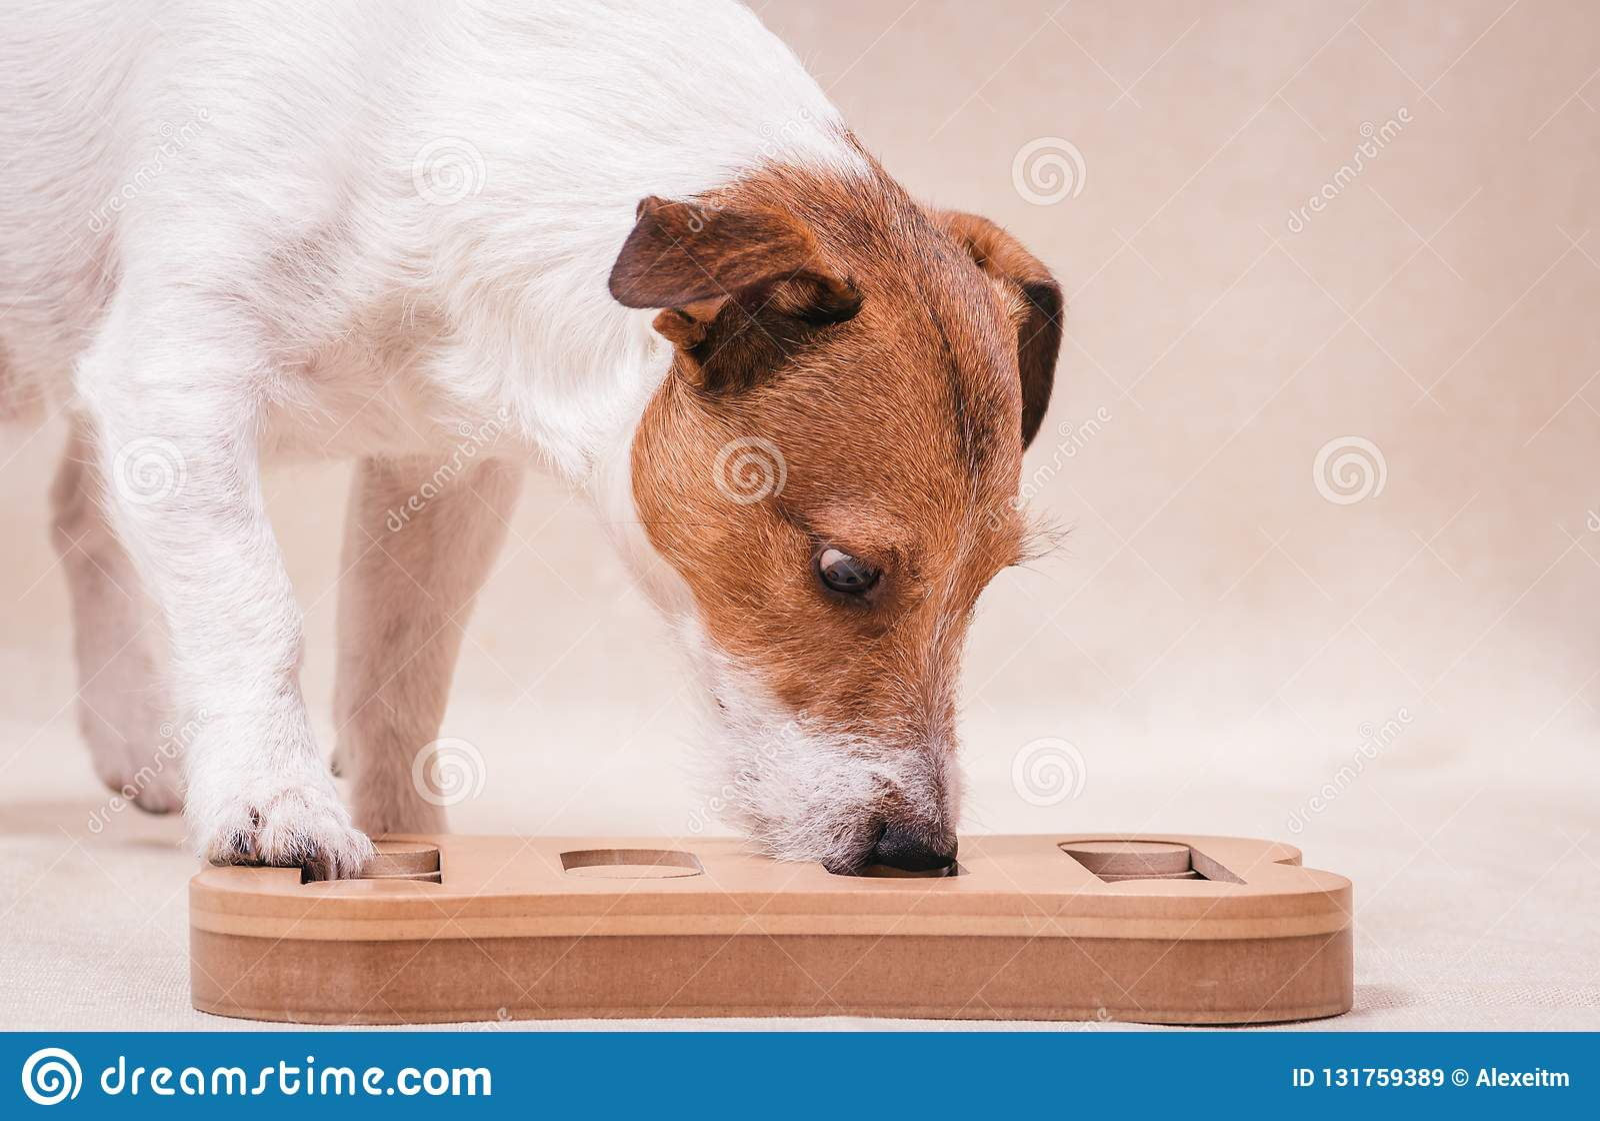 打嗅智力和nosework训练的狗难题比赛